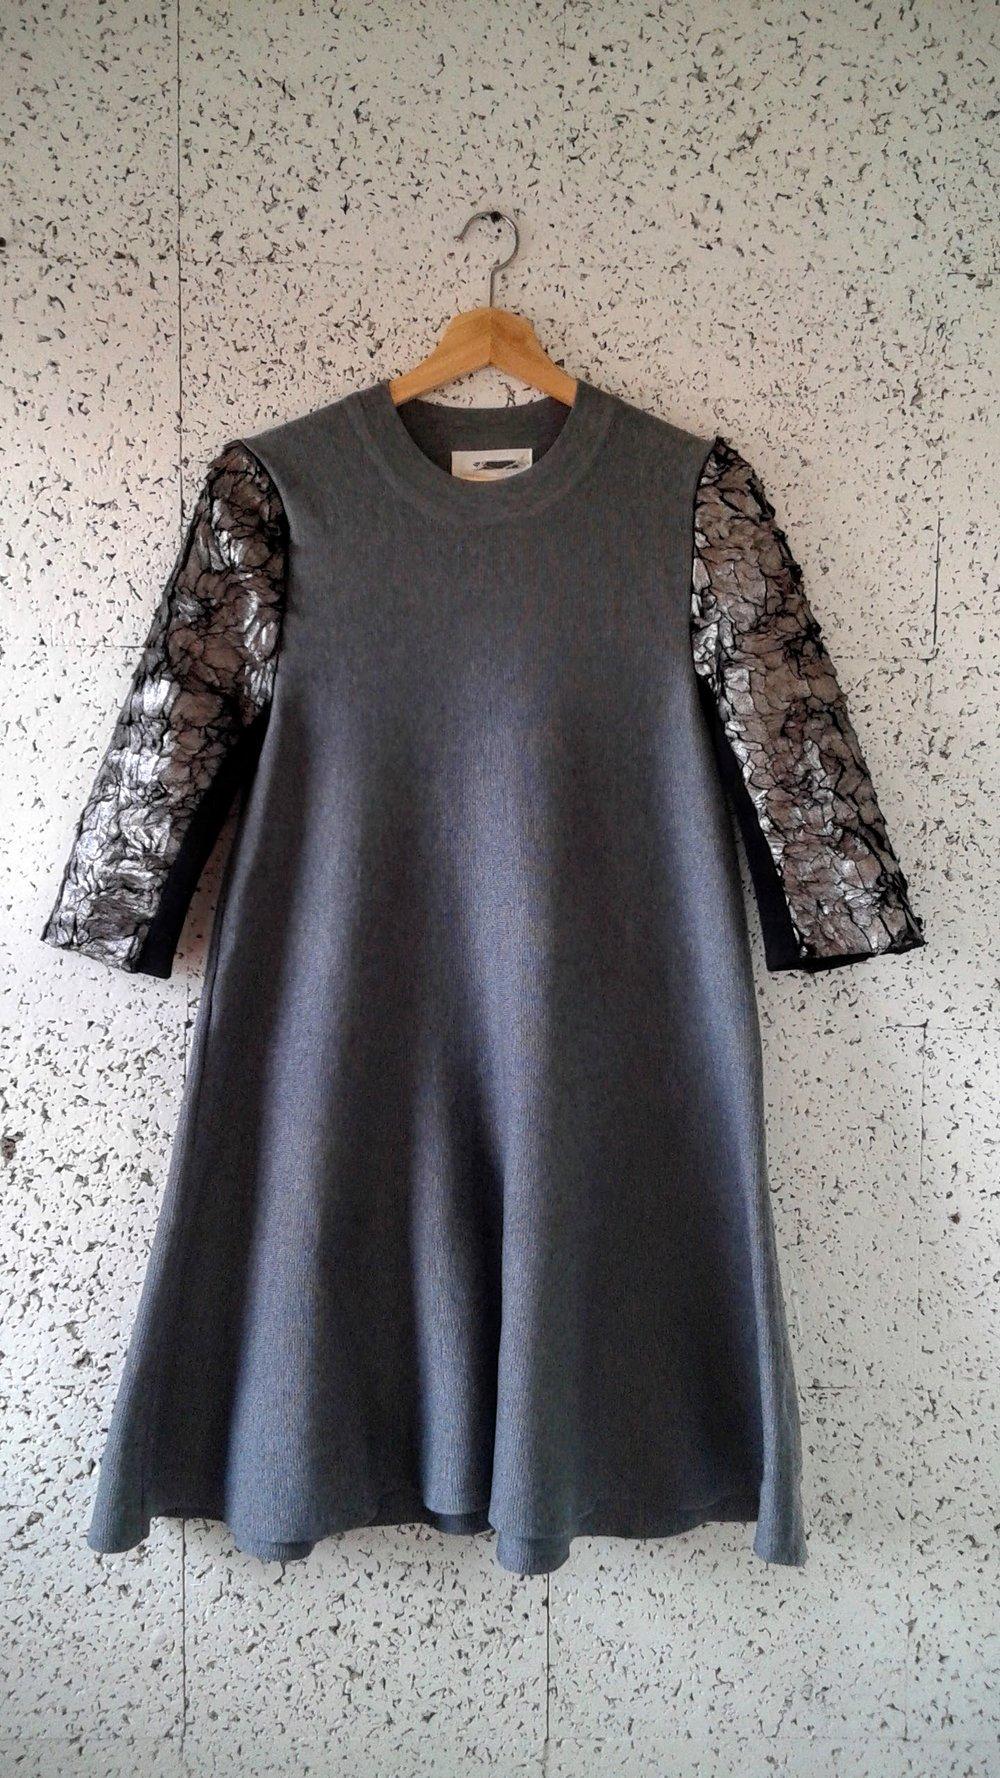 Tunic; Size M, $30